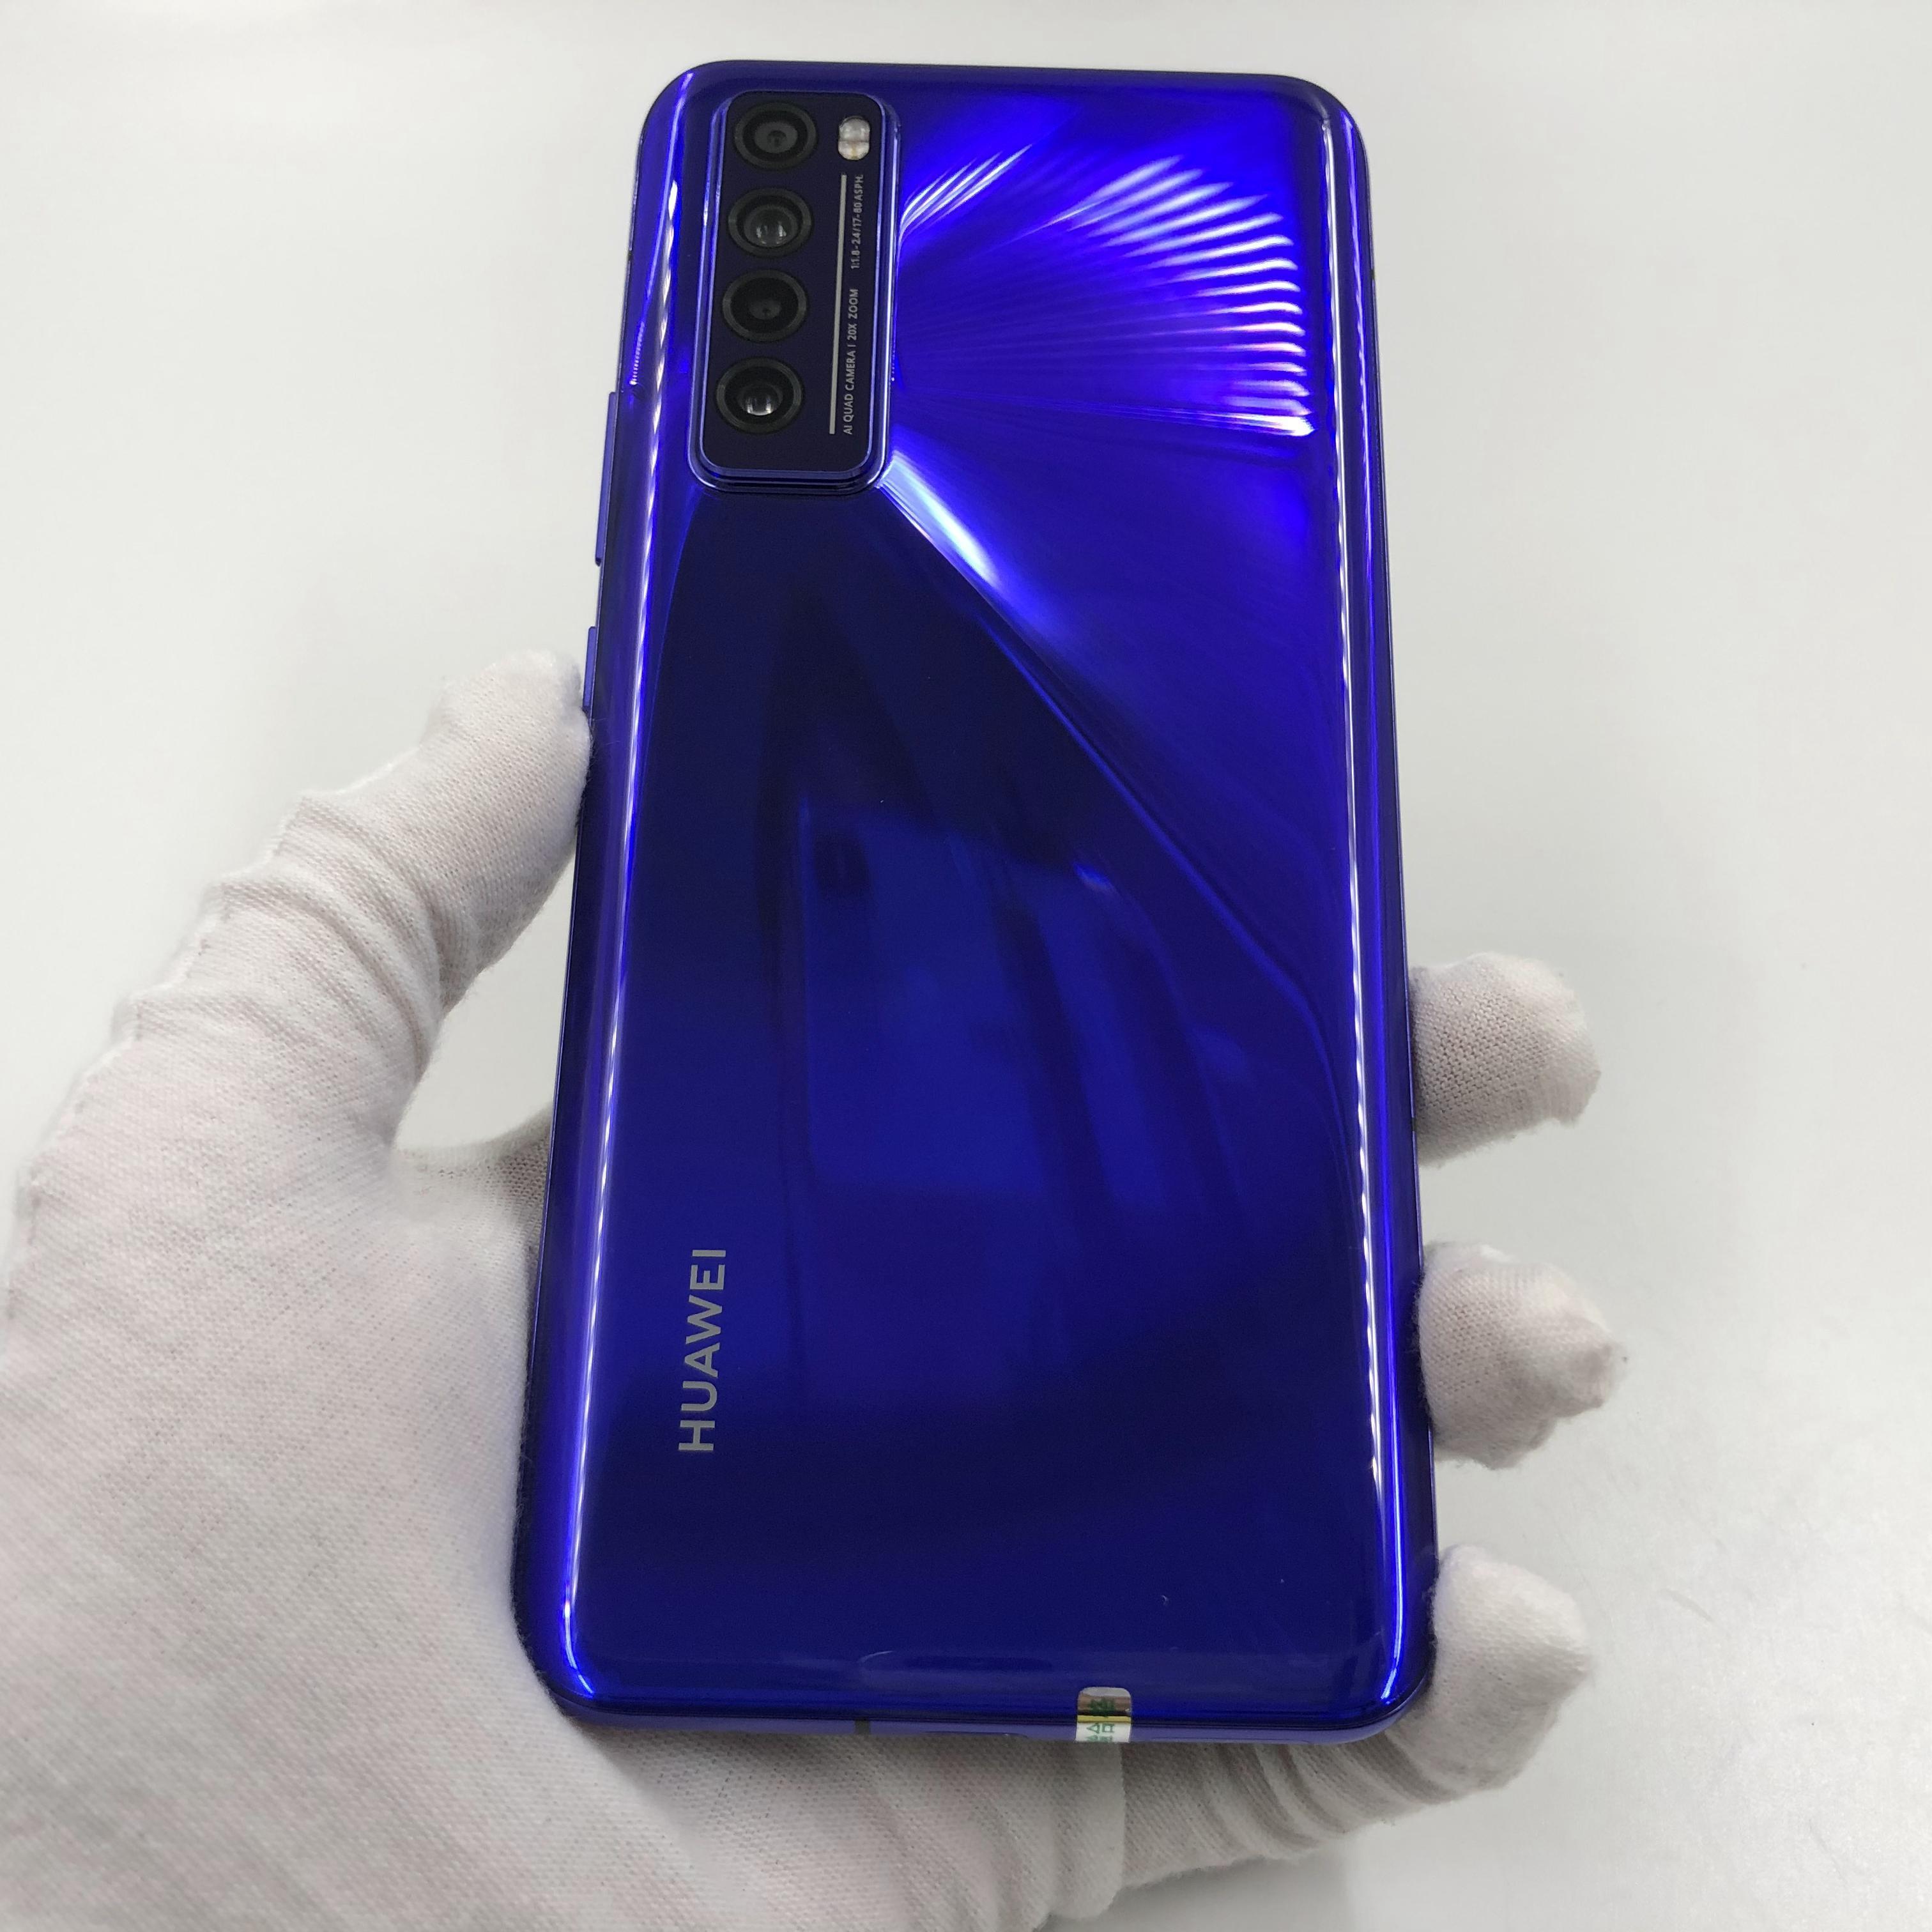 华为【nova 7 5G】5G全网通 仲夏紫 8G/256G 国行 95新 真机实拍